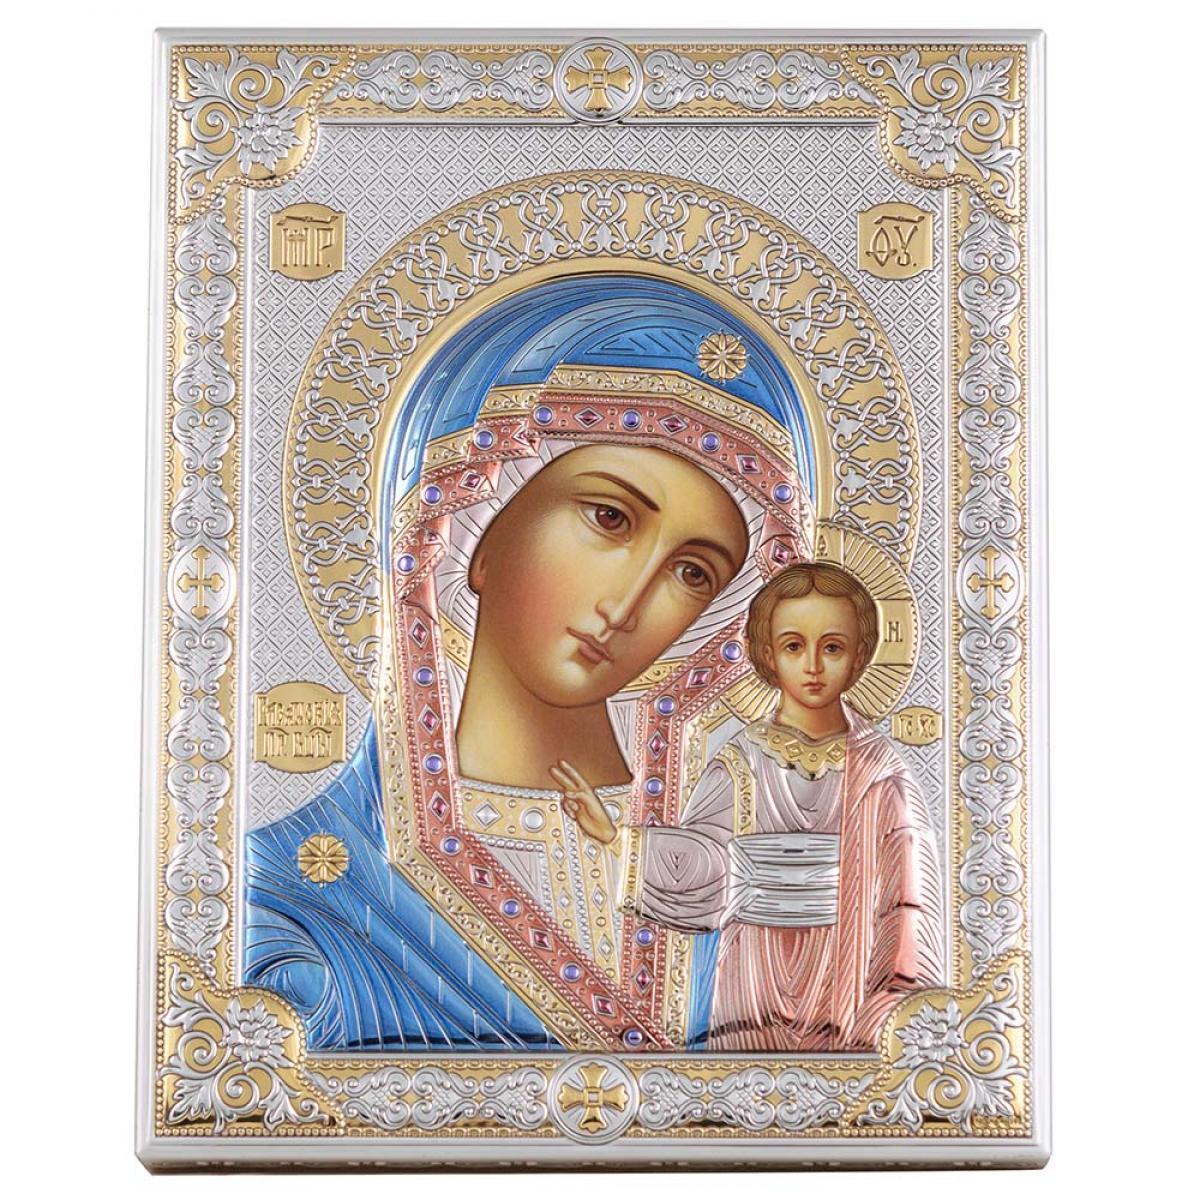 Ікона срібна Казанська Богородиця (12х16см) 85302 3LCOL